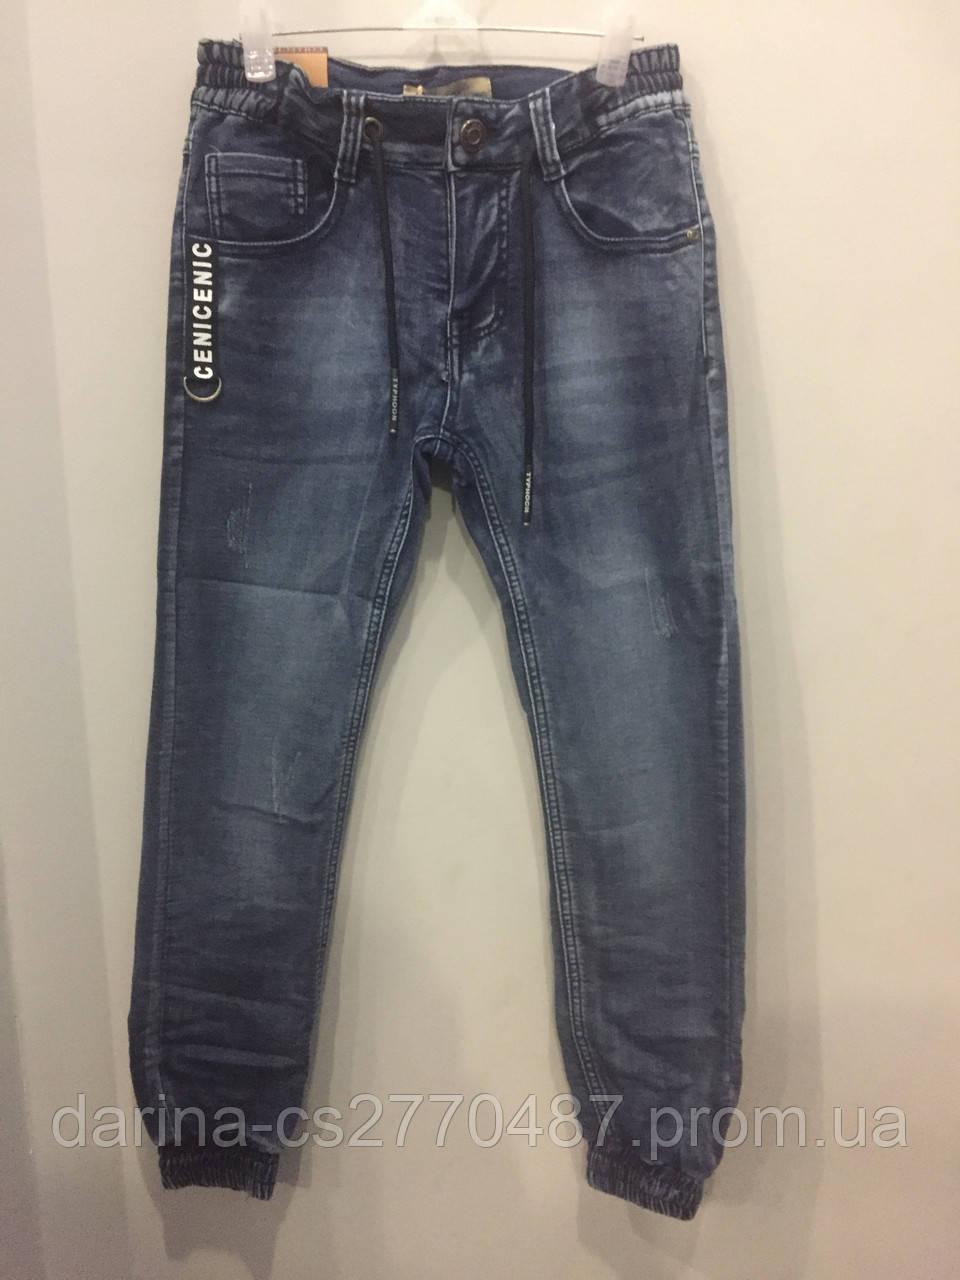 Подростковые джинсовые брюки джоггеры для мальчика 134,146,164 см, фото 1